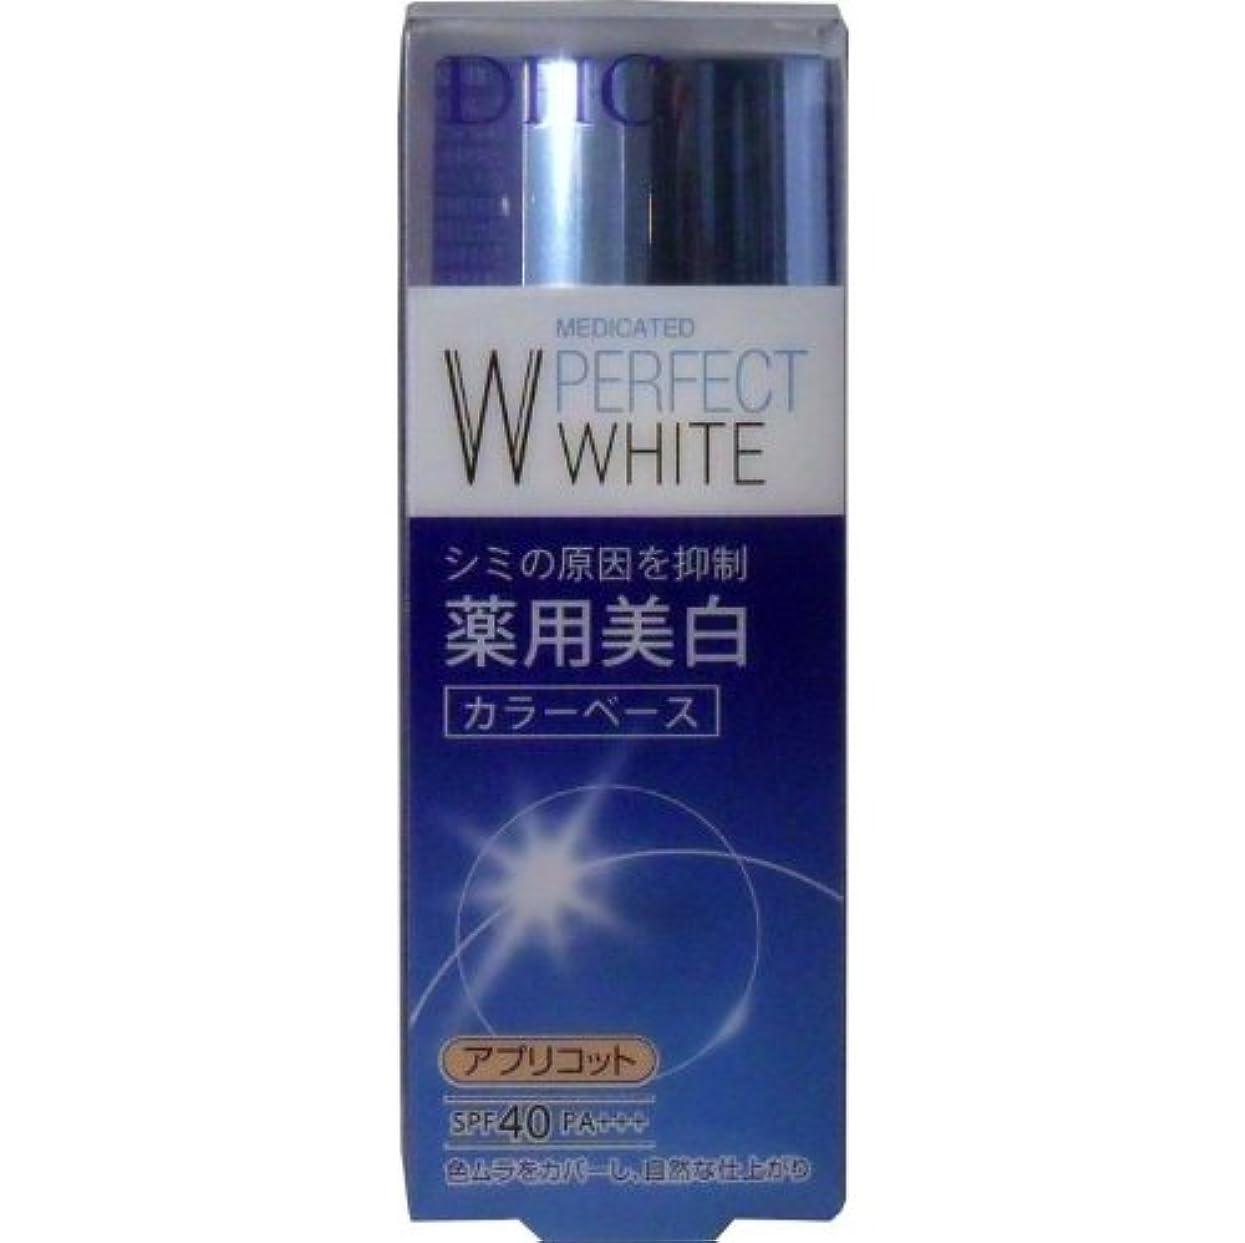 工場カップル王子DHC 薬用美白パーフェクトホワイト カラーベース アプリコット 30g